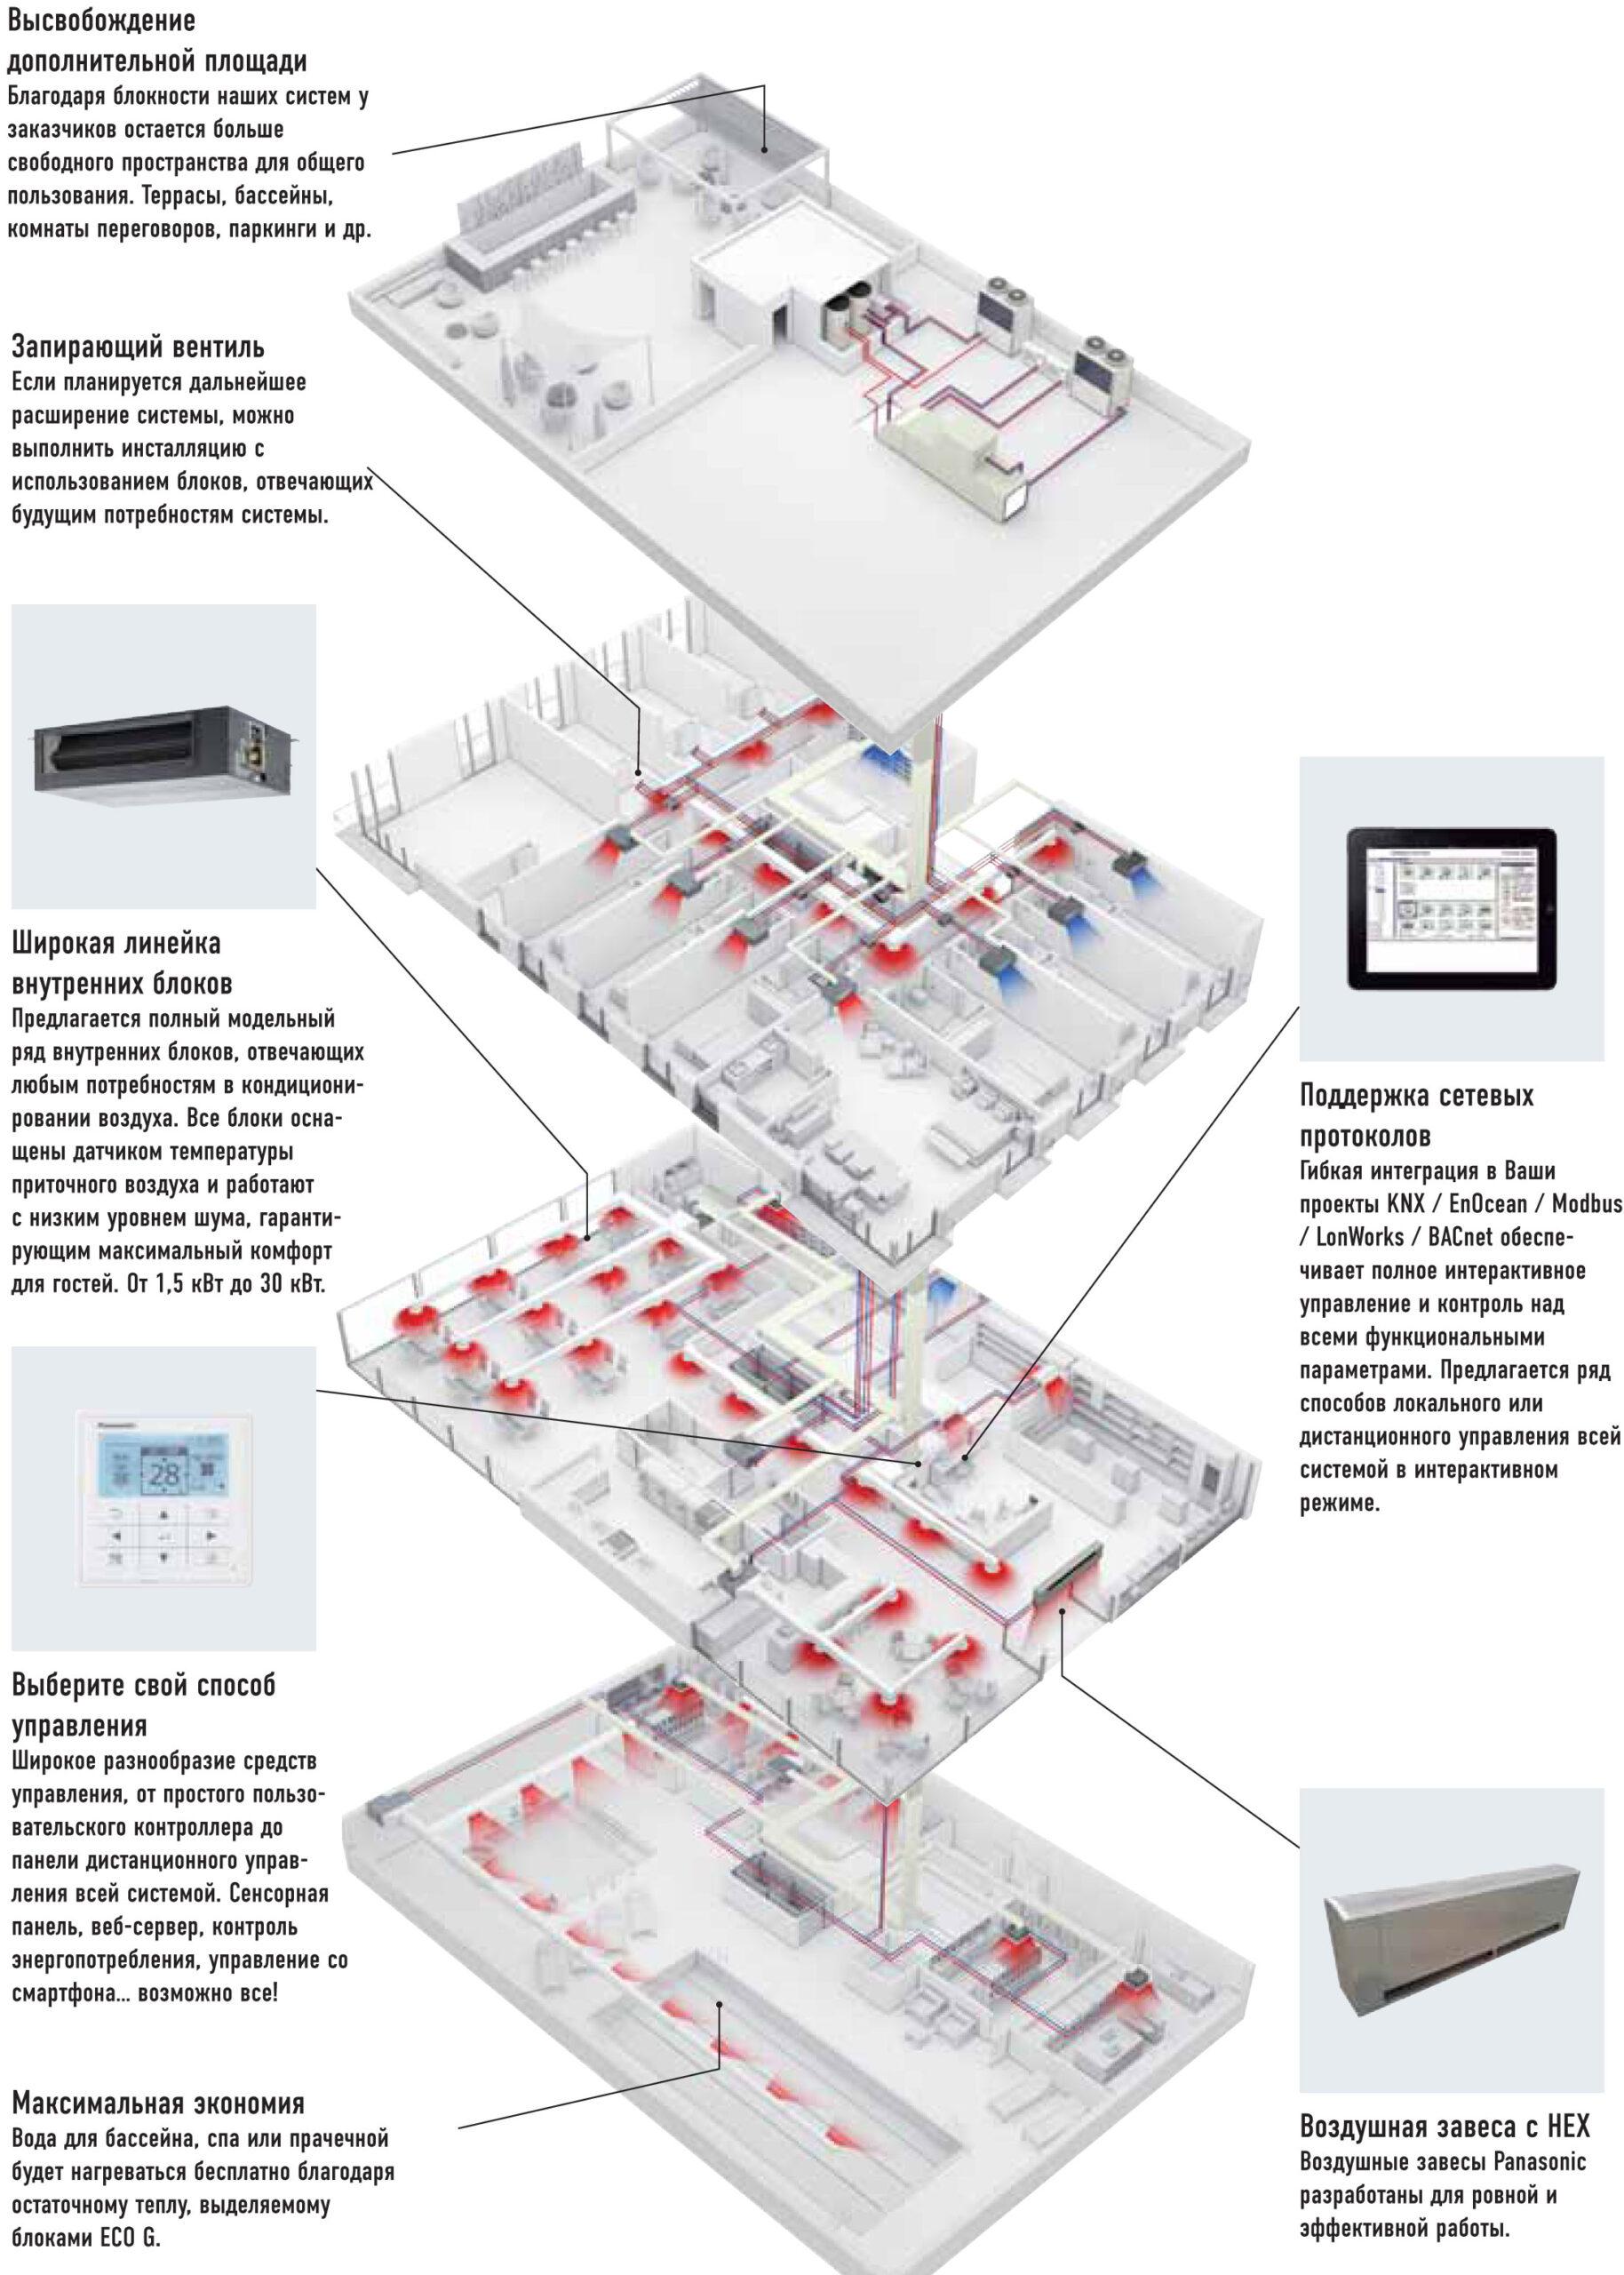 Системы HVAC, DHW и вентиляционное оборудование Panasonic